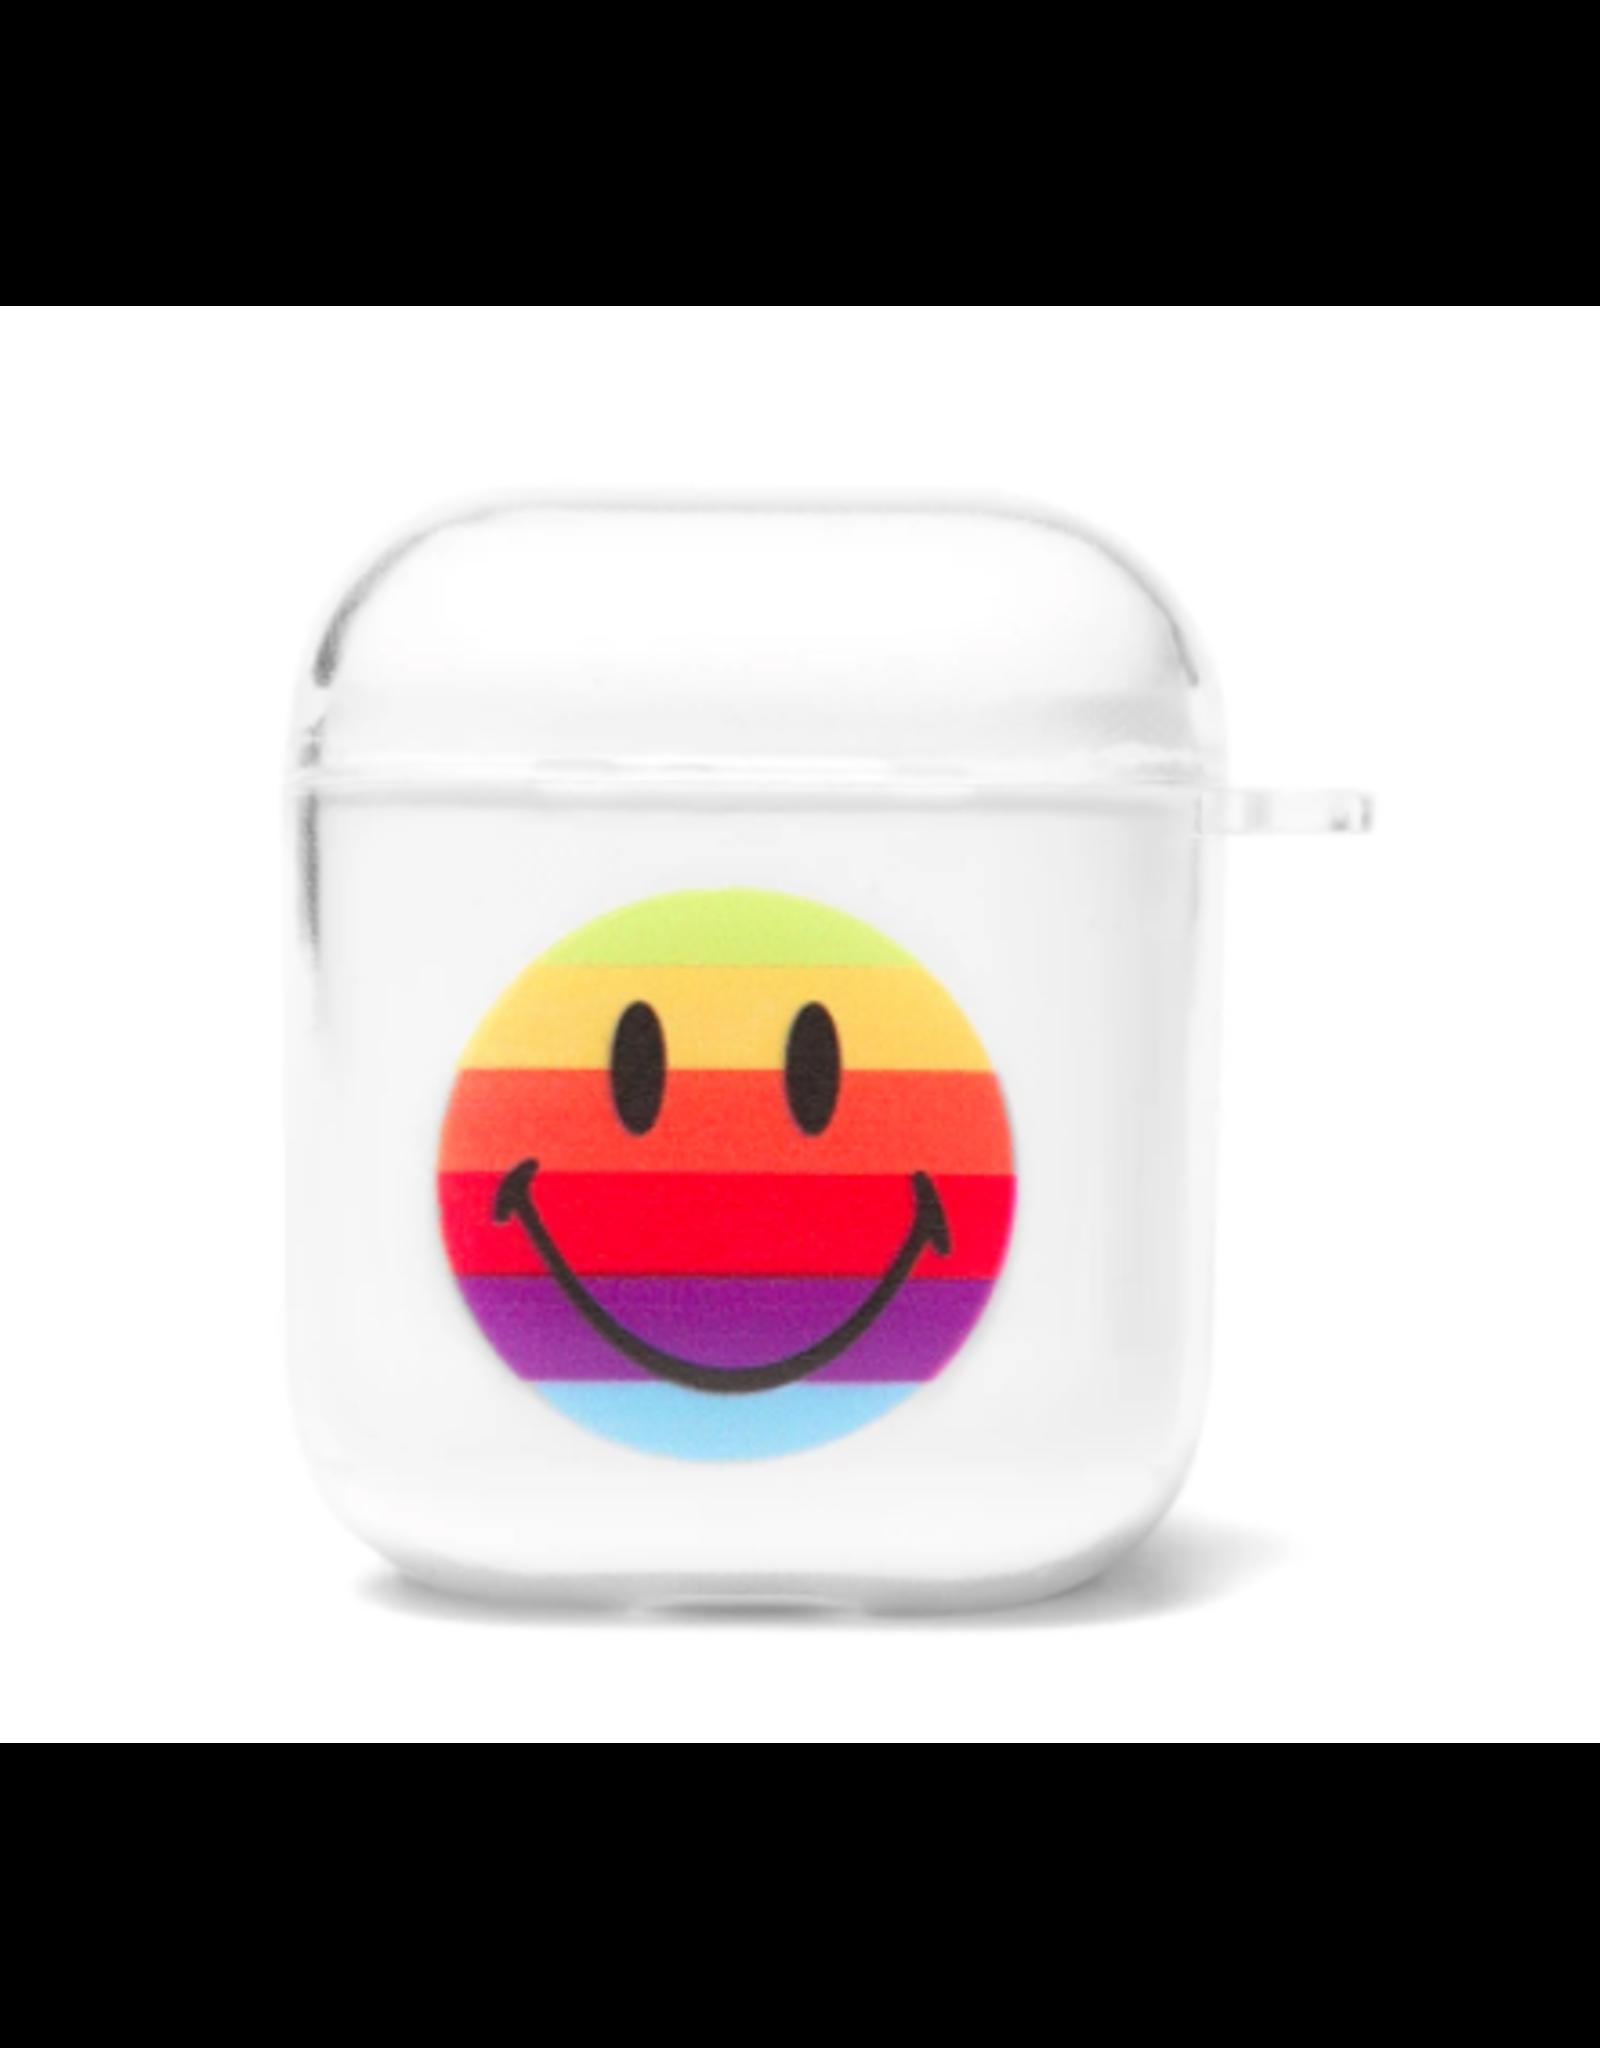 Smiley Tech Airpods Case